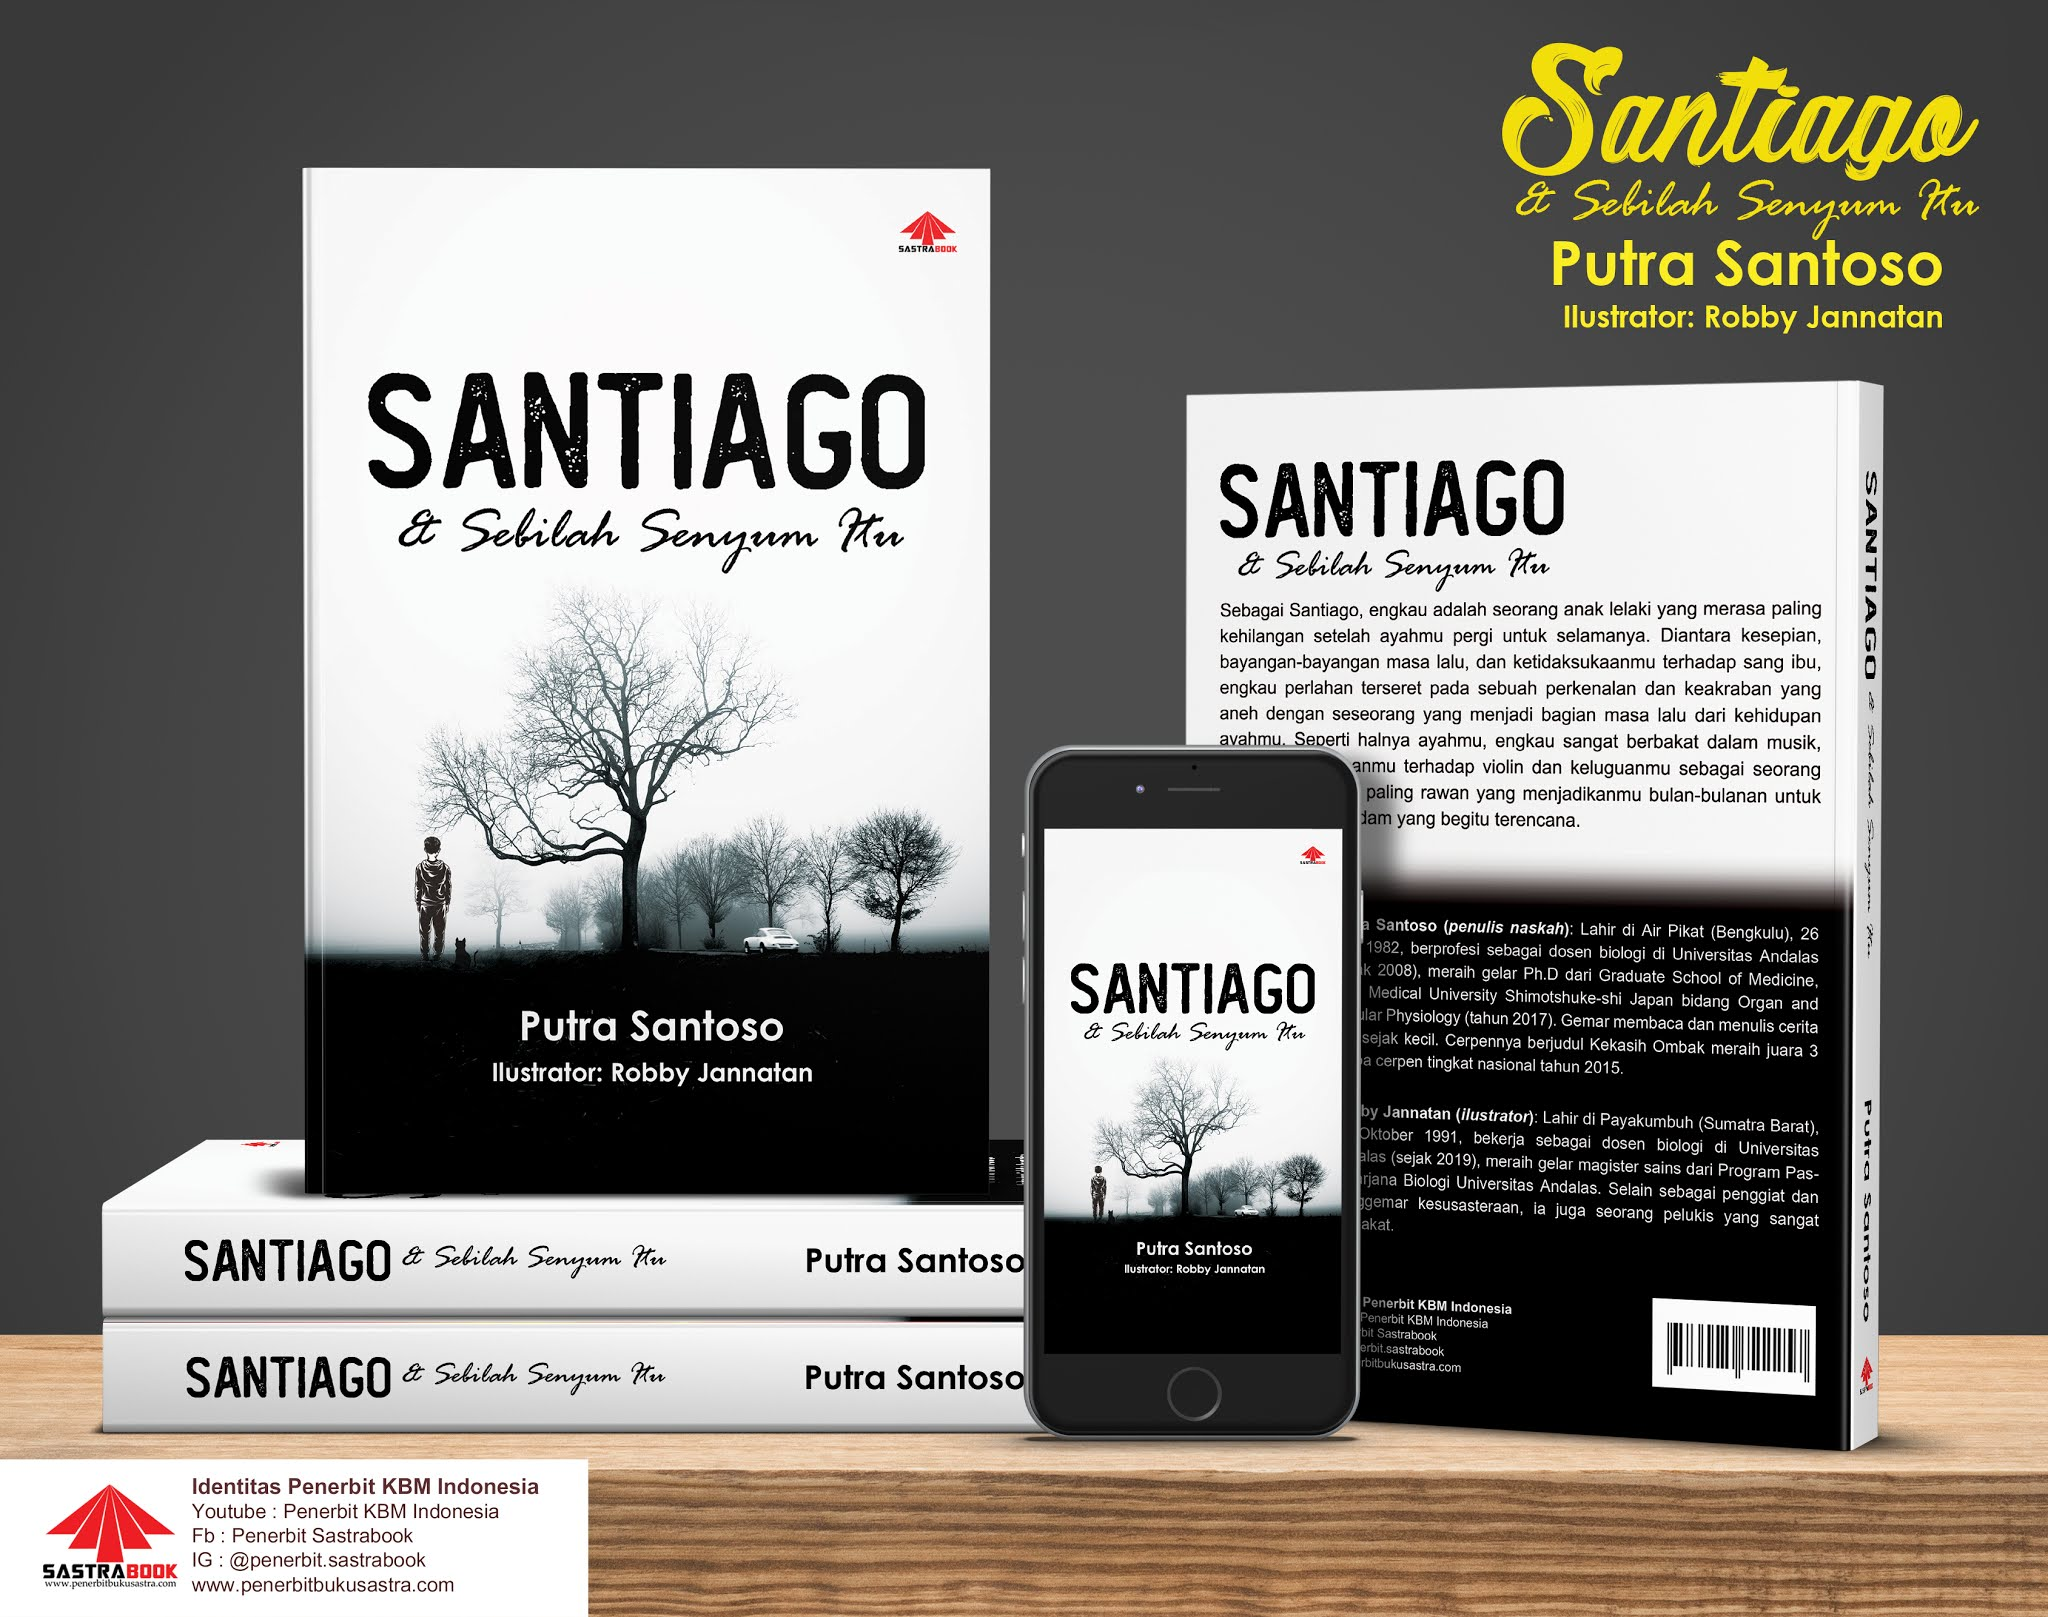 SANTIAGO & SEBILAH SENYUM ITU